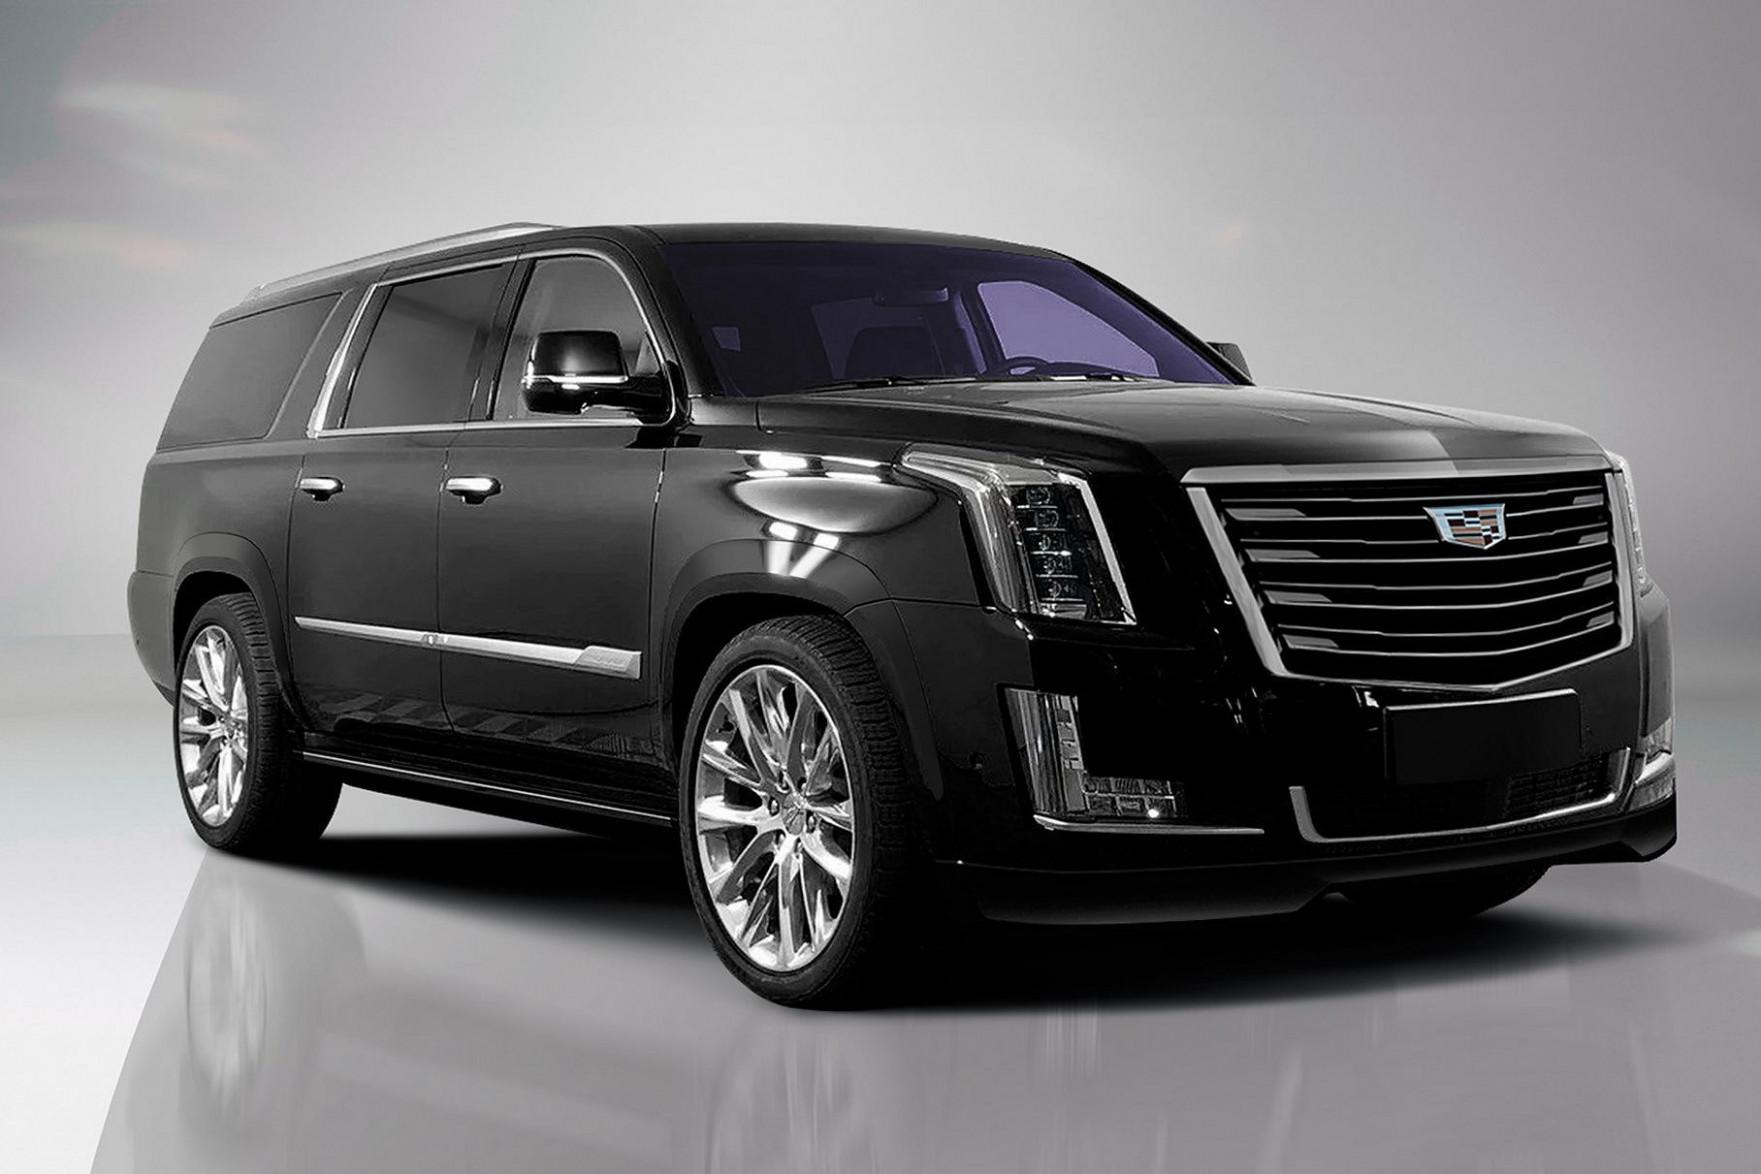 Performance 2022 Cadillac Escalade Video